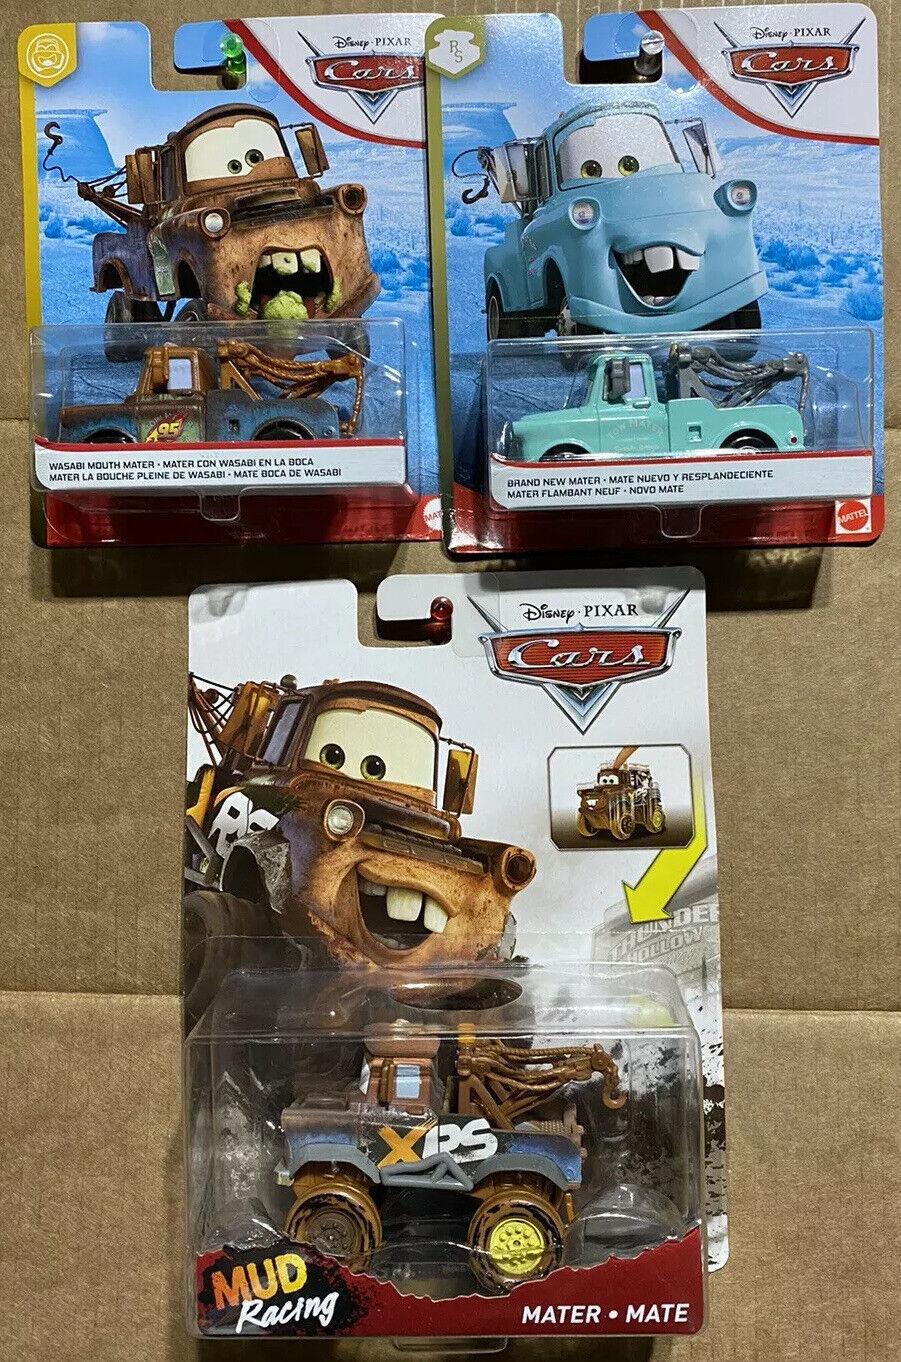 Disney Pixar CARS 2 Movie 5 Inch Talking Plush Crash Ems Mater